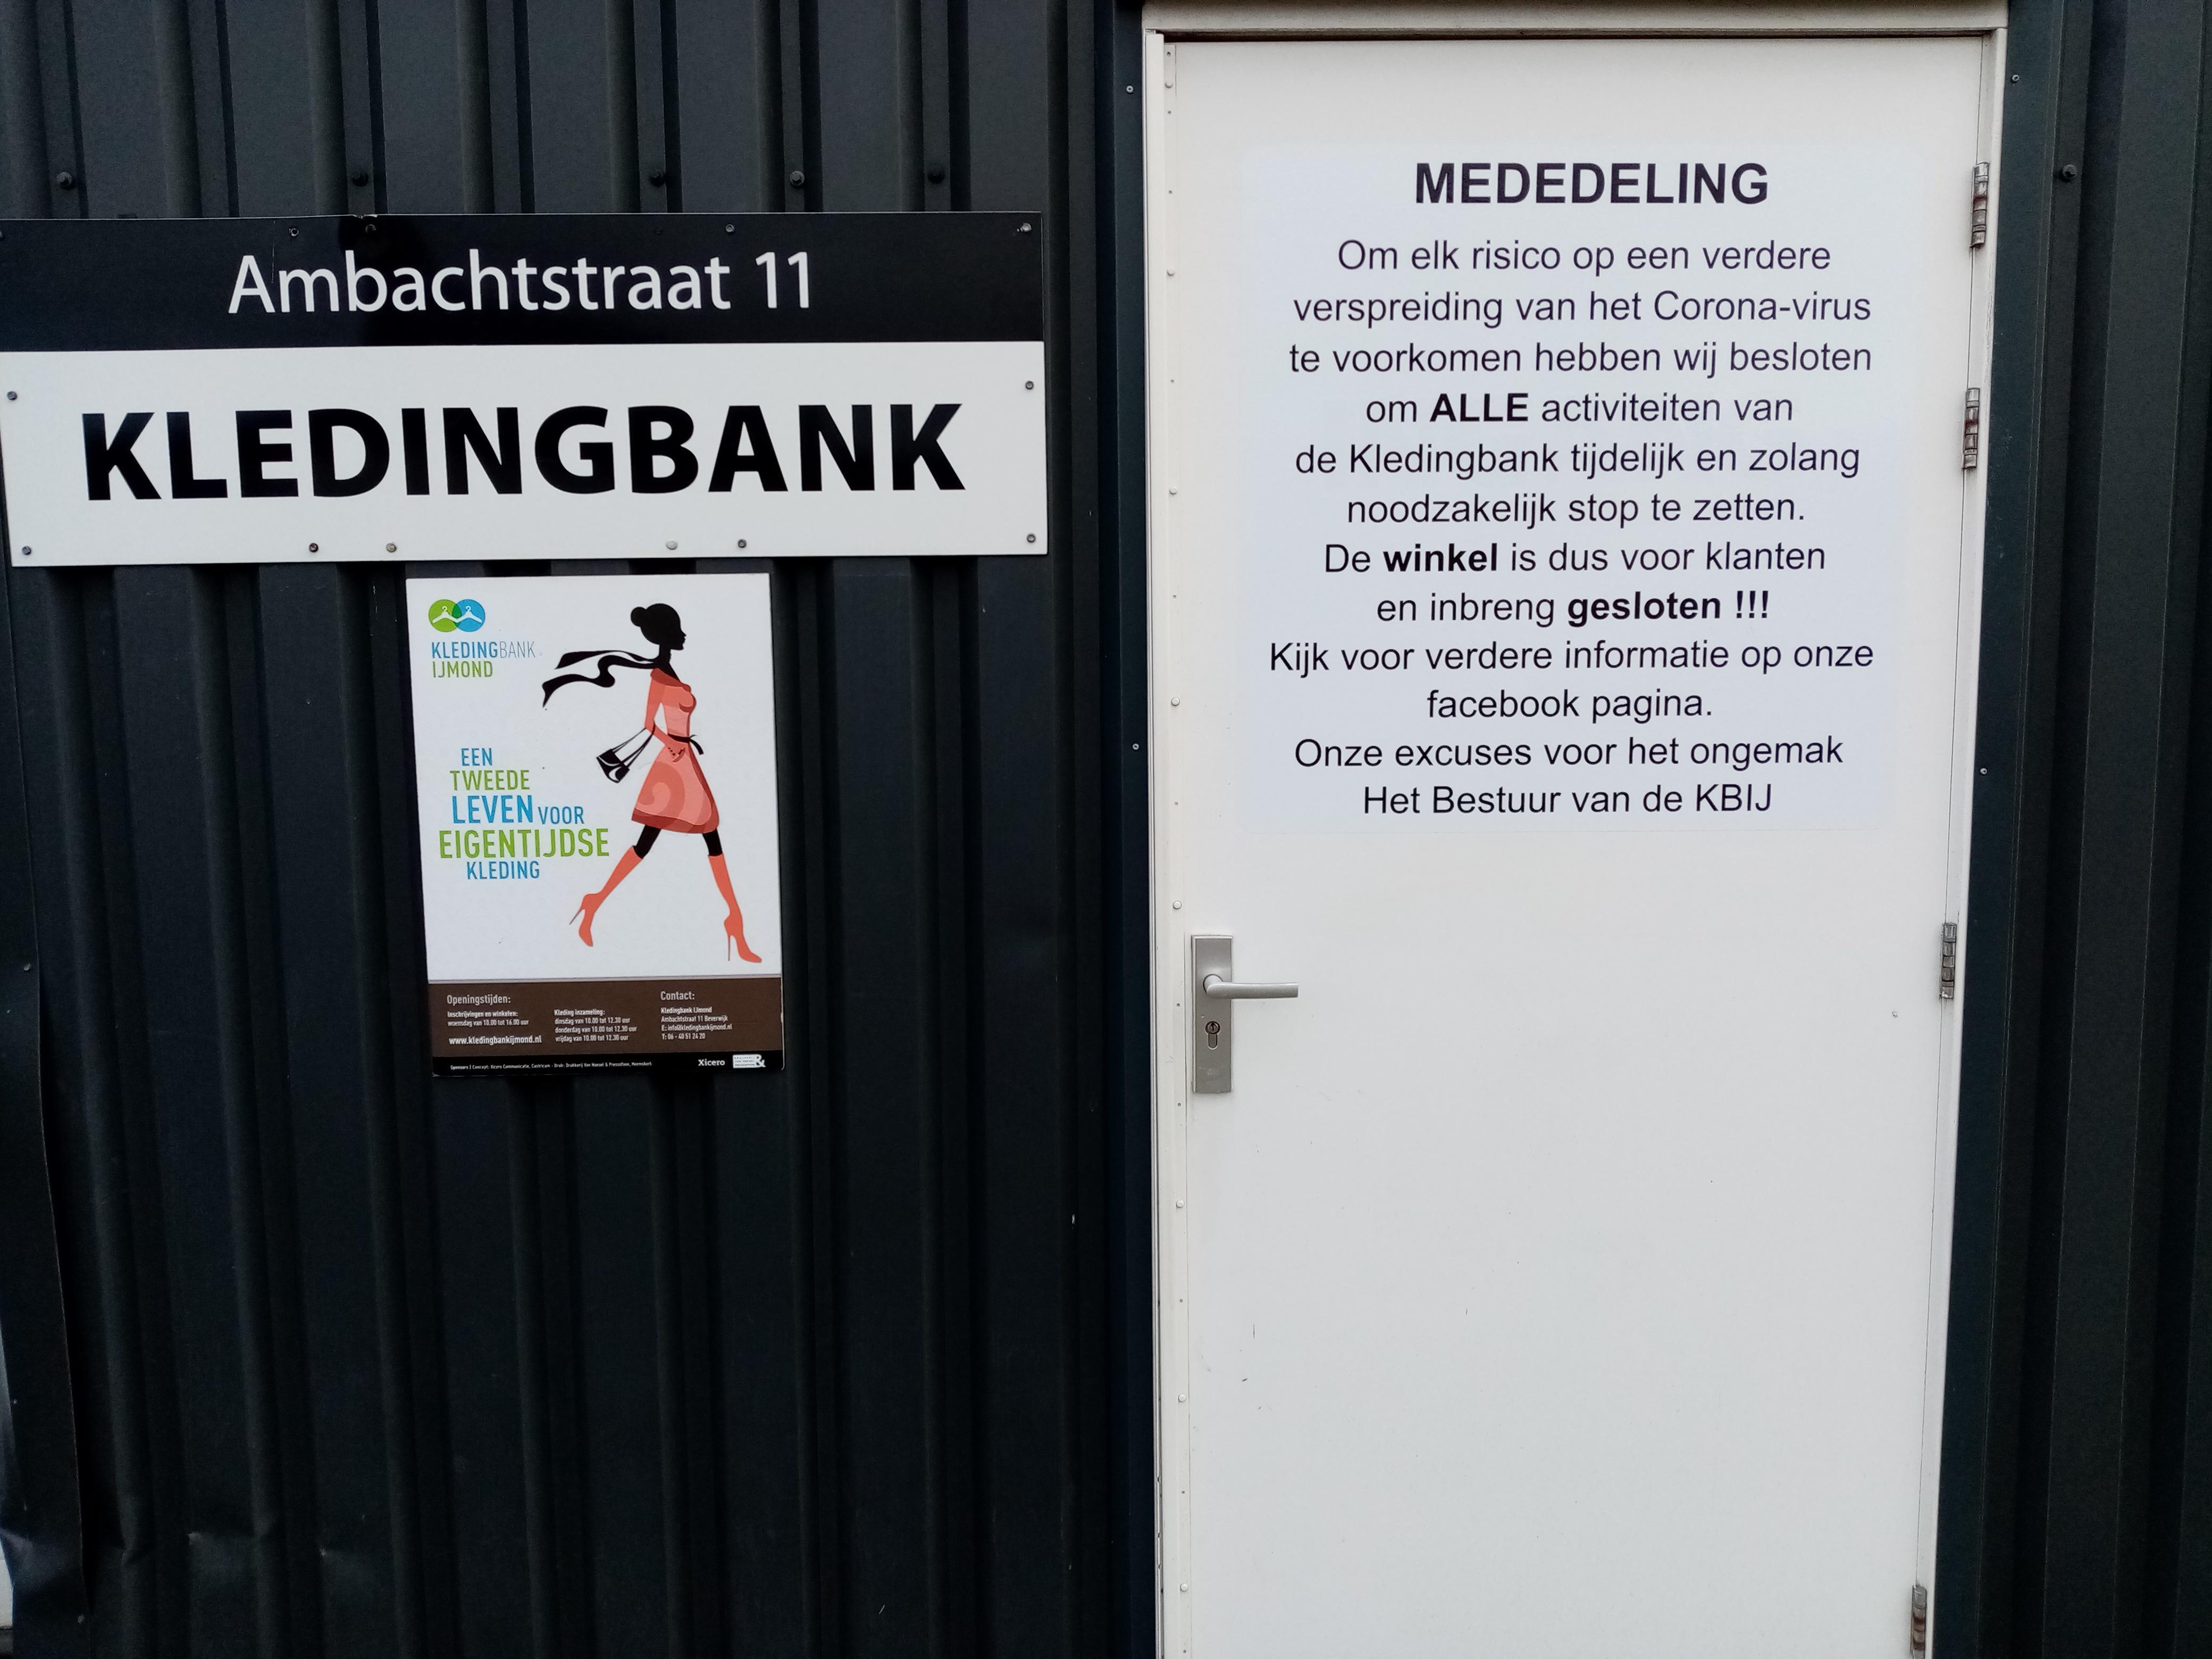 Kledingbank Beverwijk sluit vanwege 'het onzekere risico' van corona